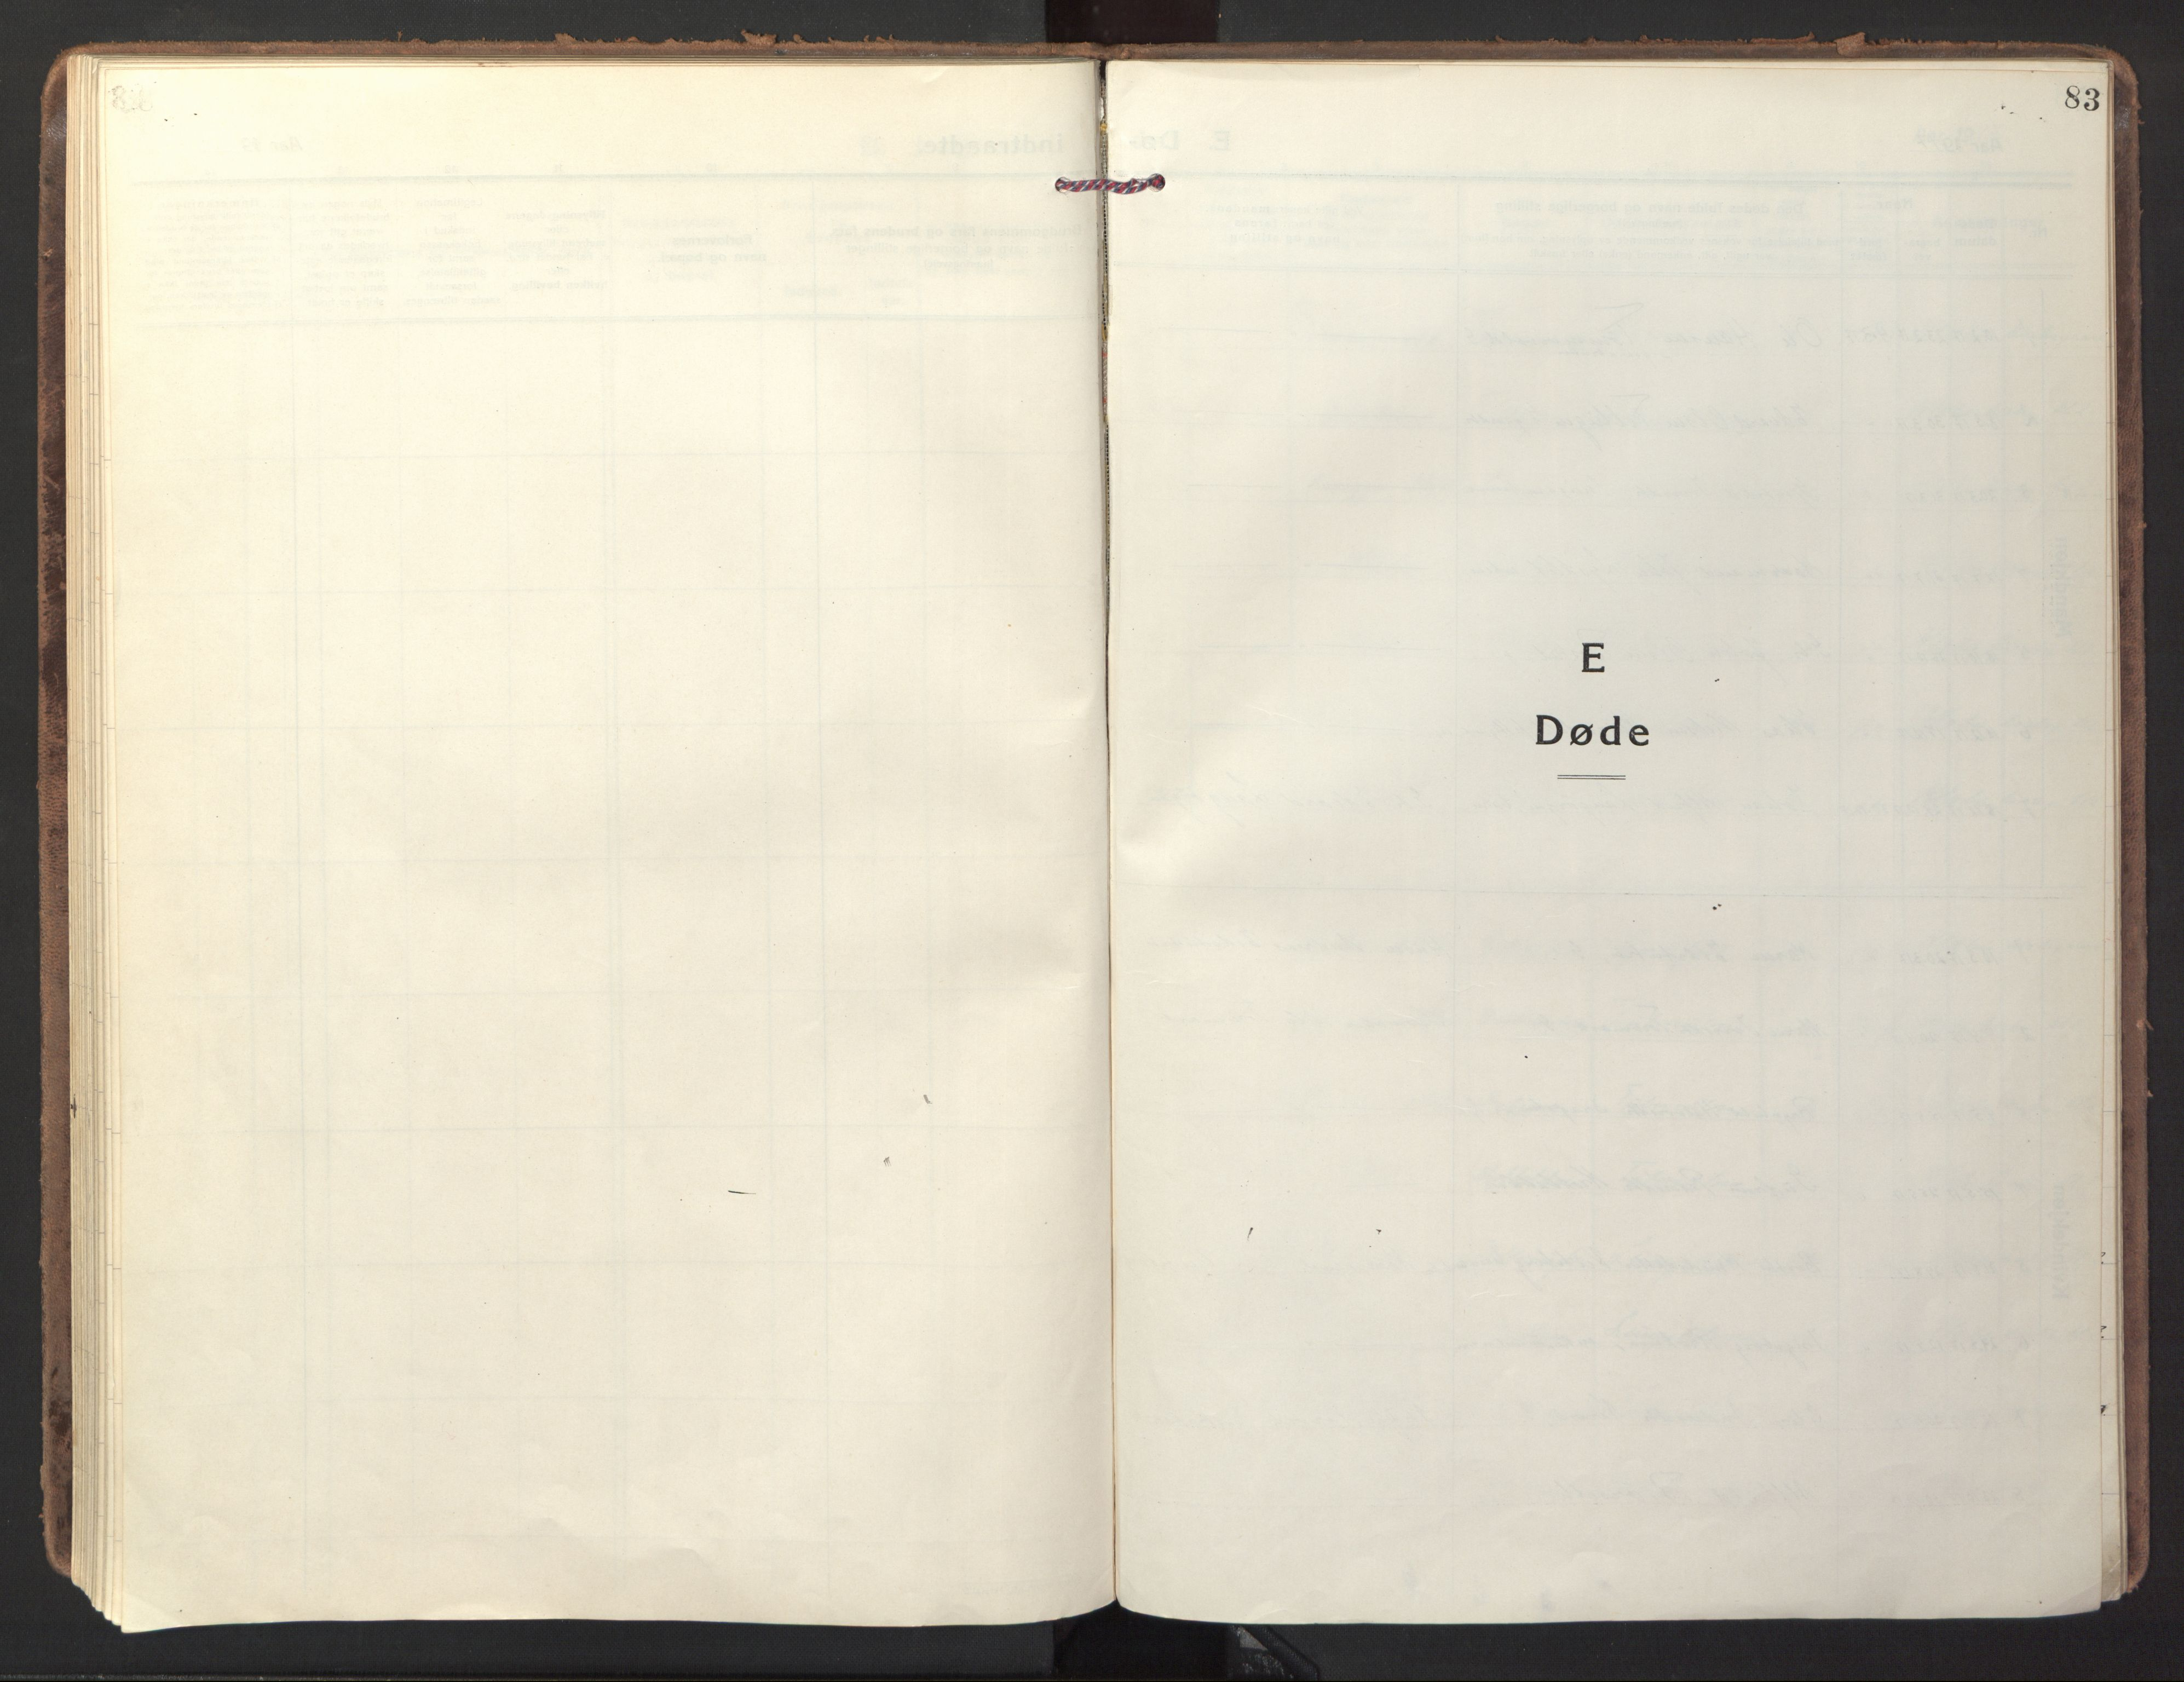 SAT, Ministerialprotokoller, klokkerbøker og fødselsregistre - Sør-Trøndelag, 618/L0449: Ministerialbok nr. 618A12, 1917-1924, s. 83